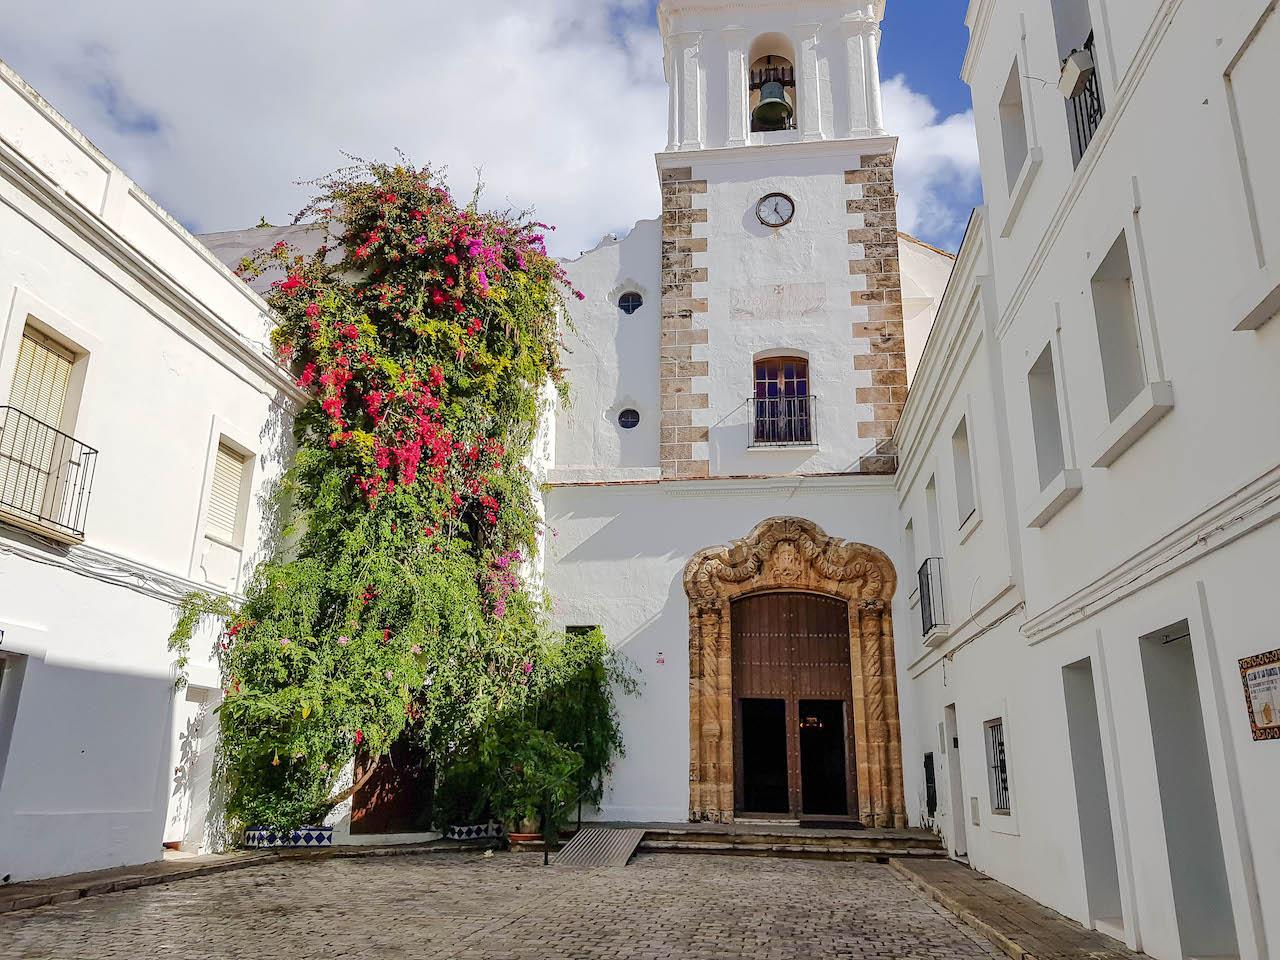 Kirche in Tarifa.